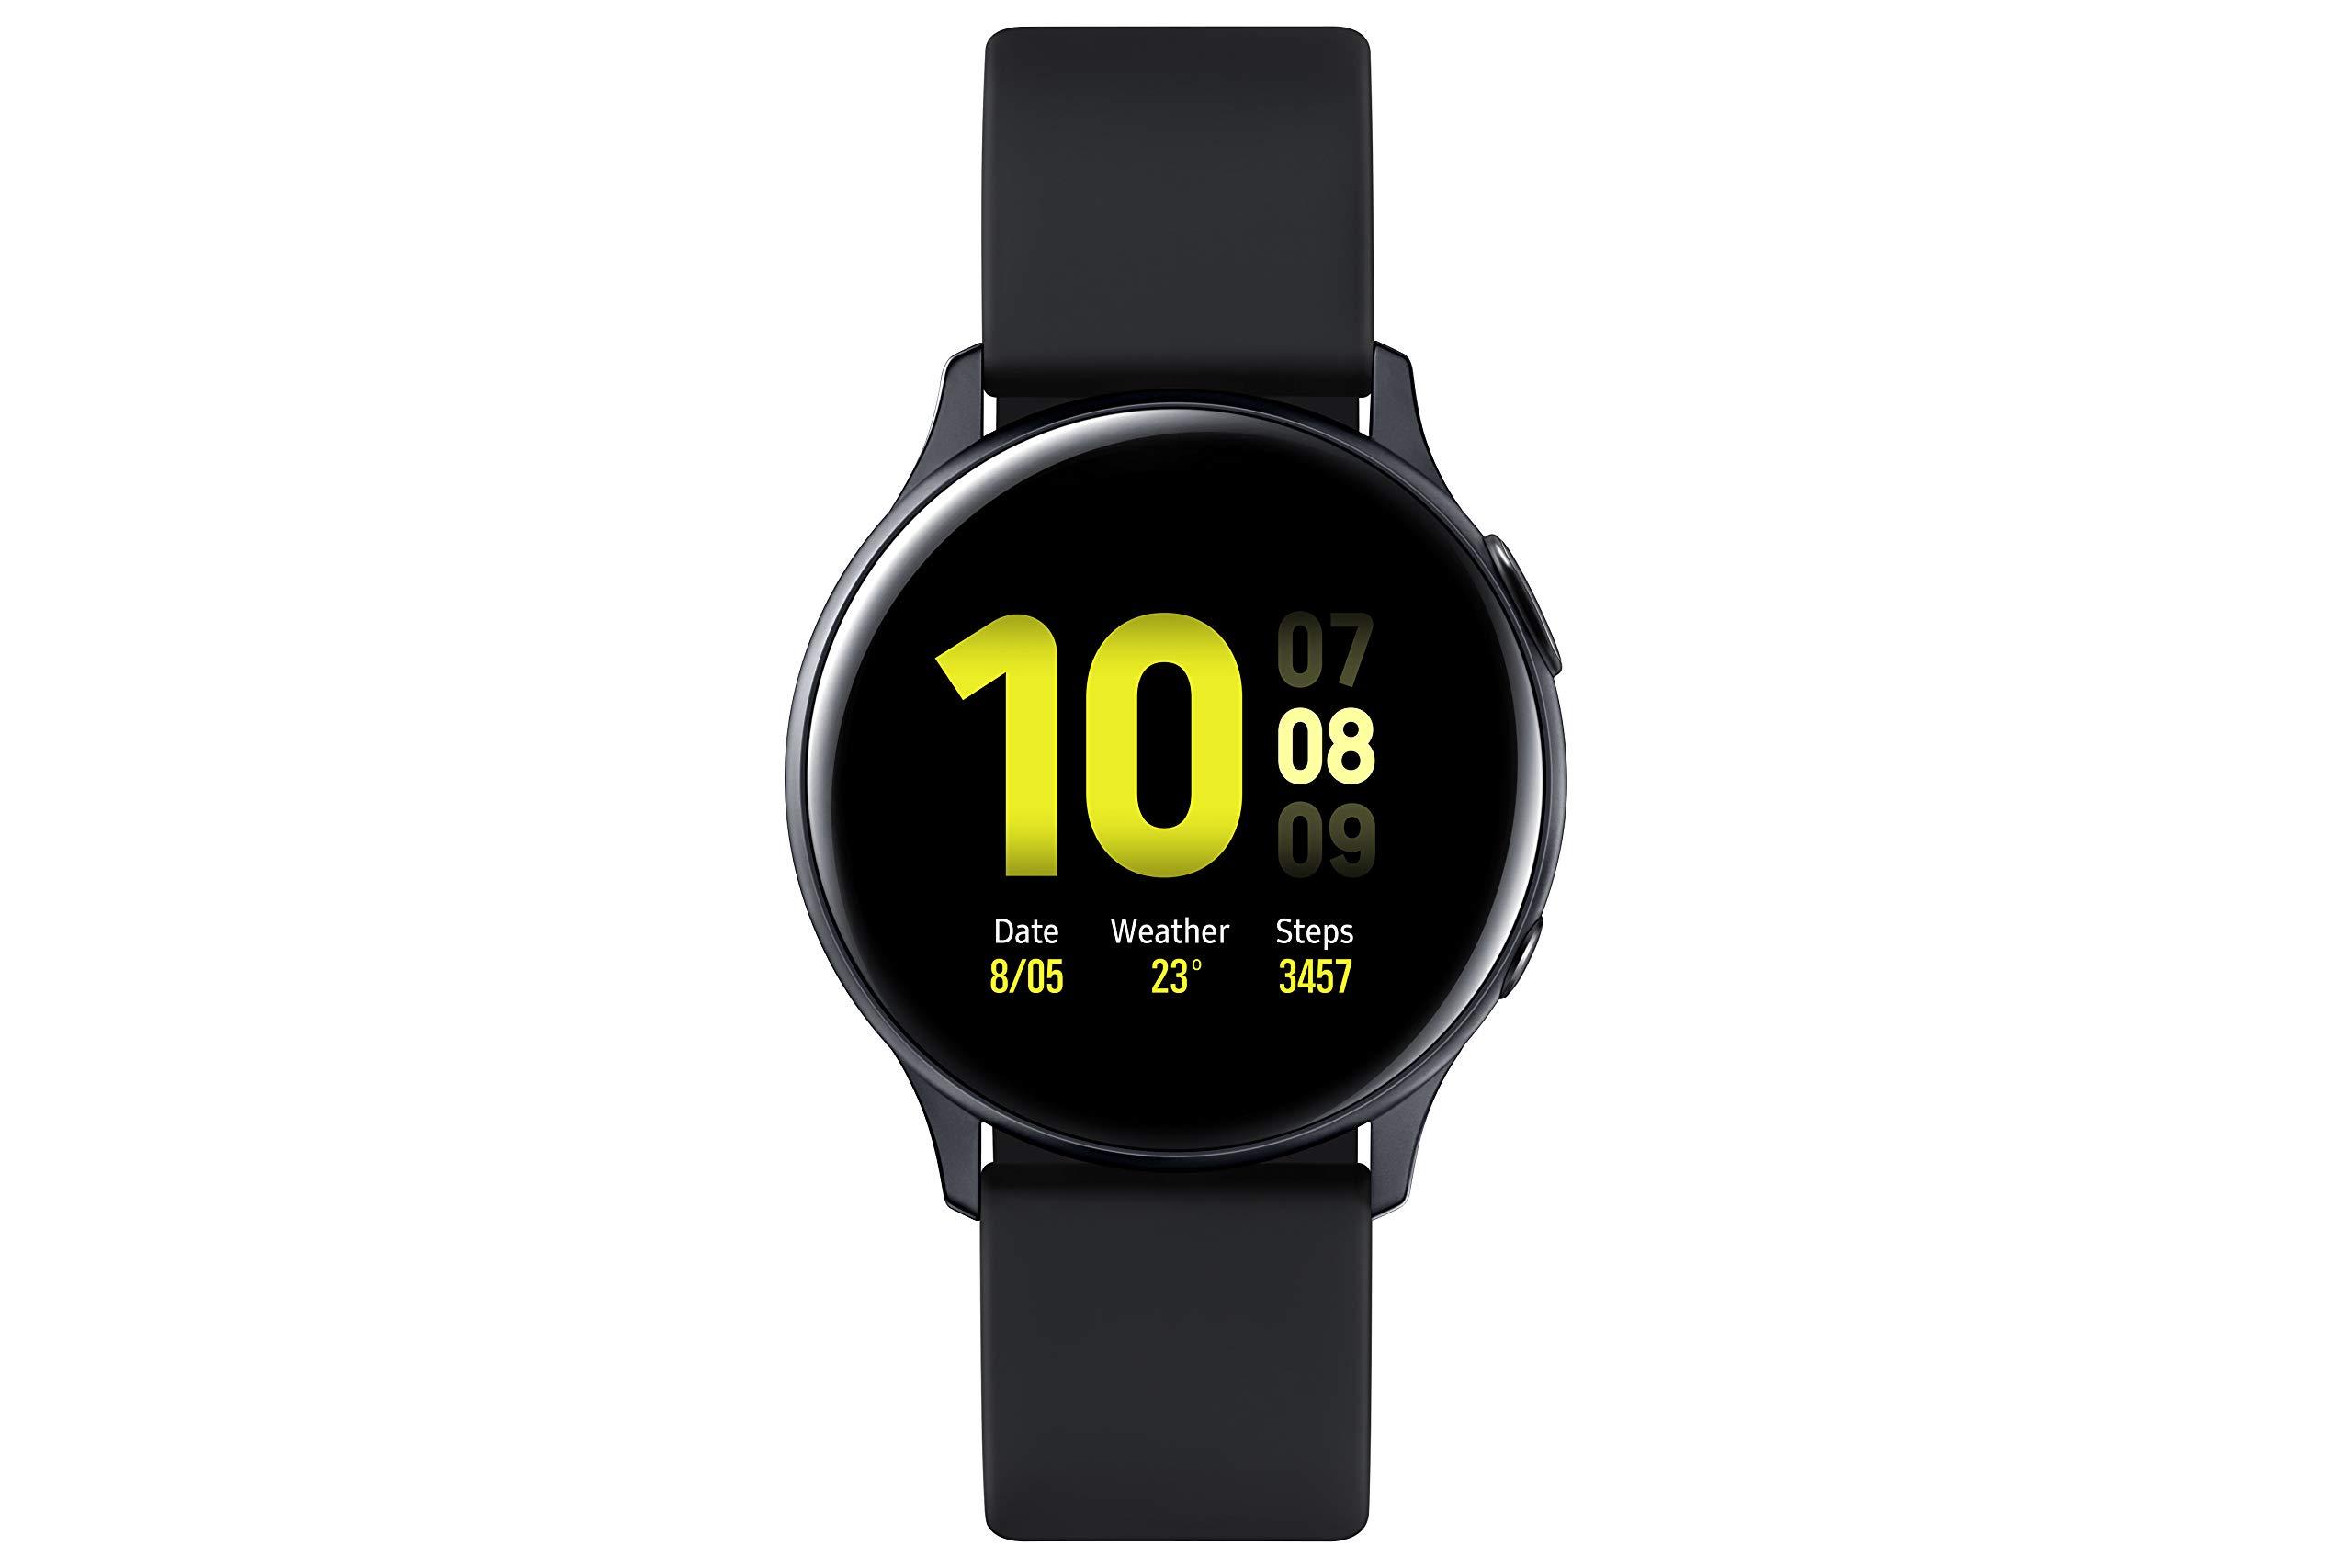 SAMSUNG SM-R830NZKAPHE Galaxy Watch Active 2 - Smartwatch de Aluminio, 40mm, Color Negro, Bluetooth [Versión española]: Amazon.es: Electrónica